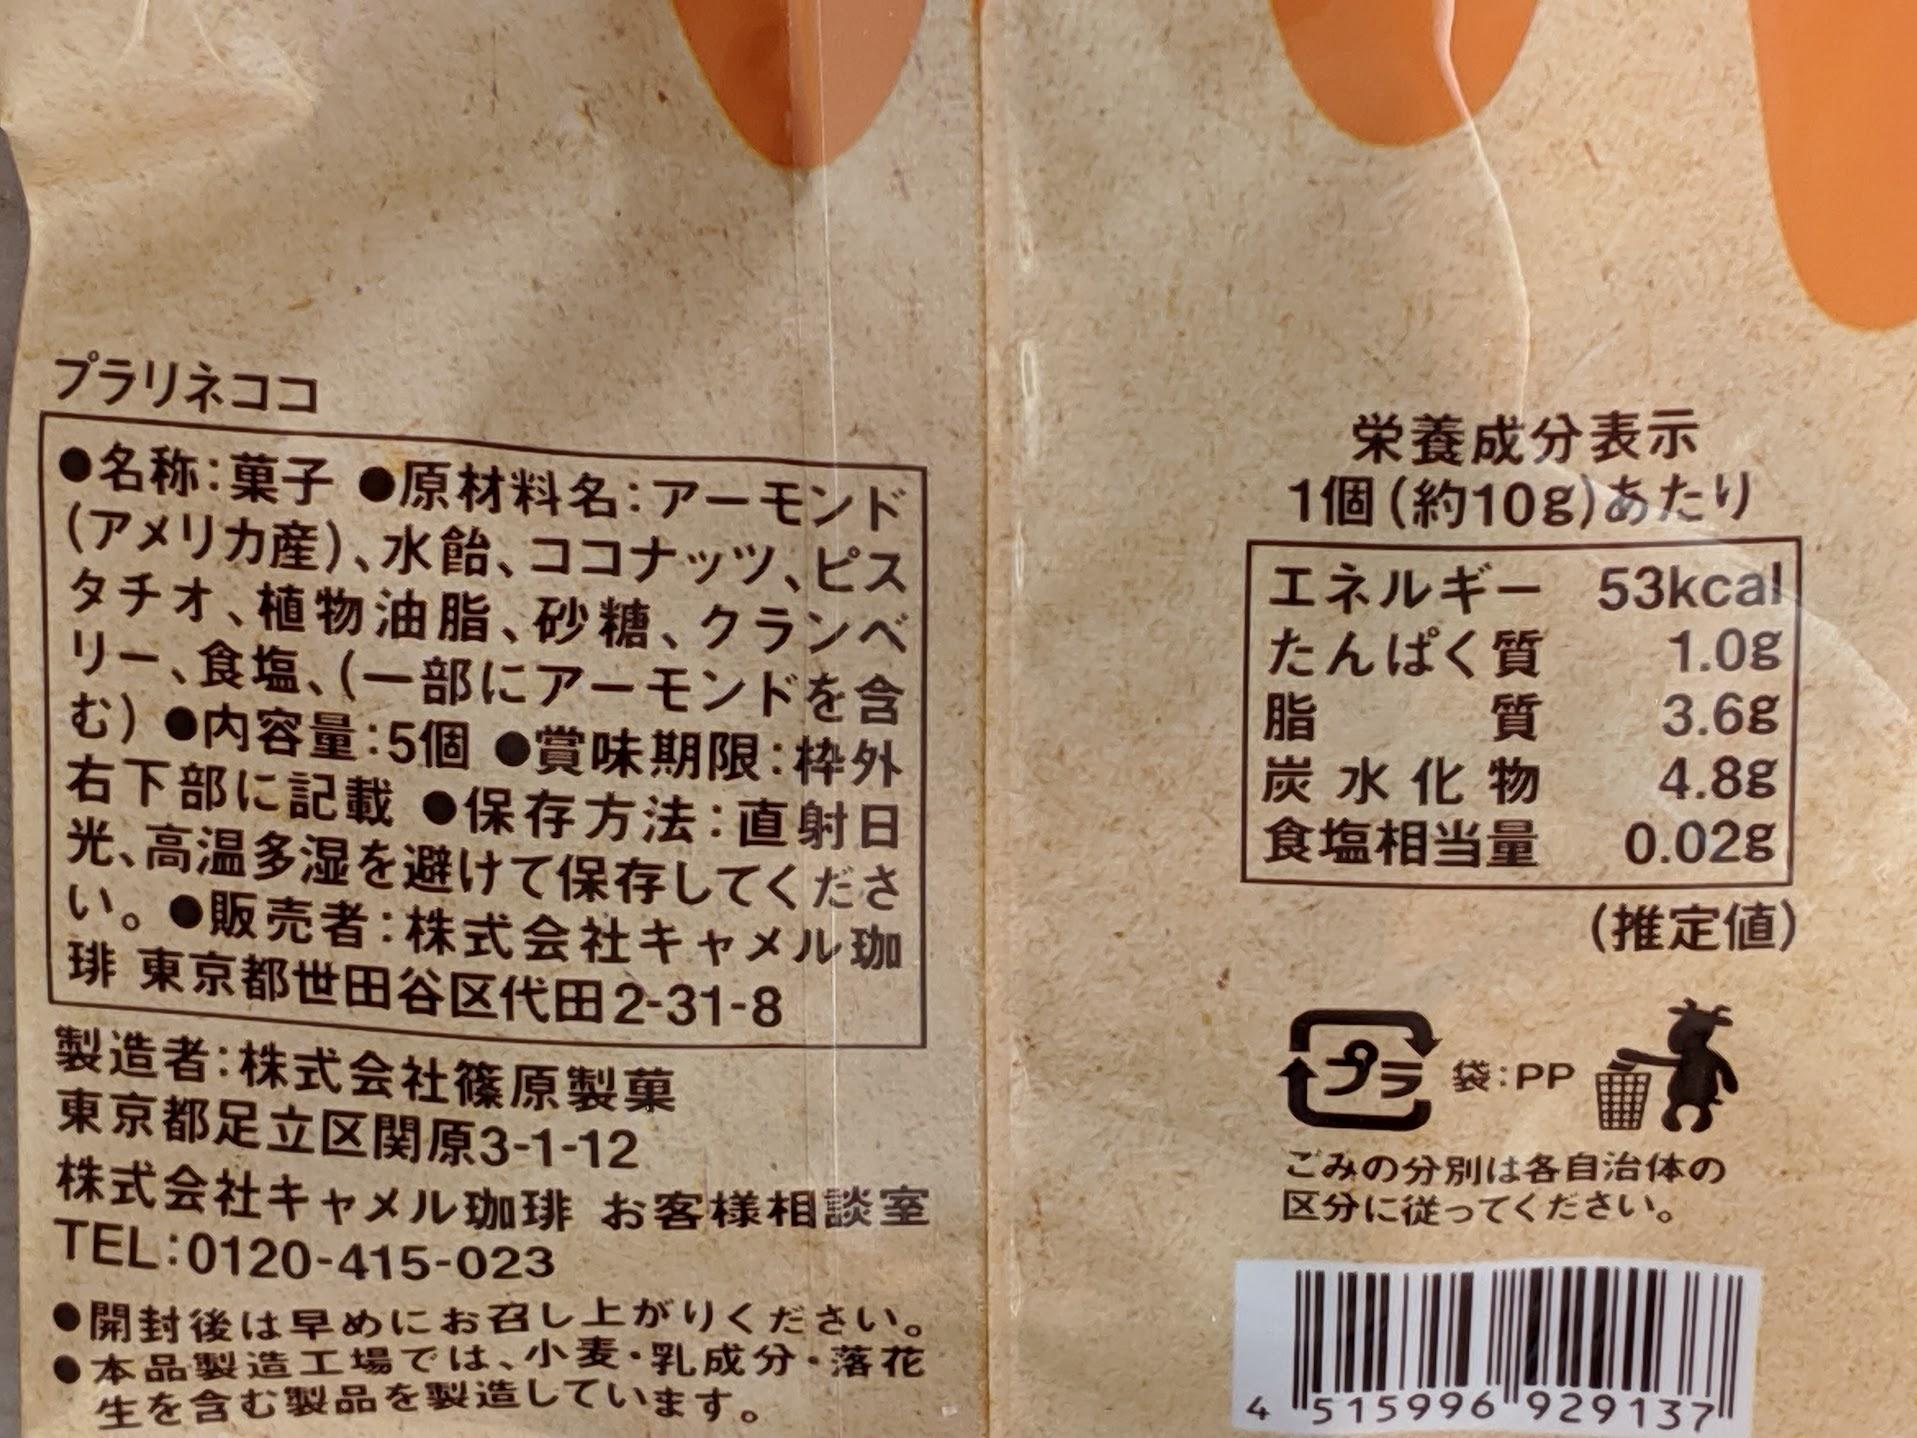 カルディ プラリネココ 栄養成分表示